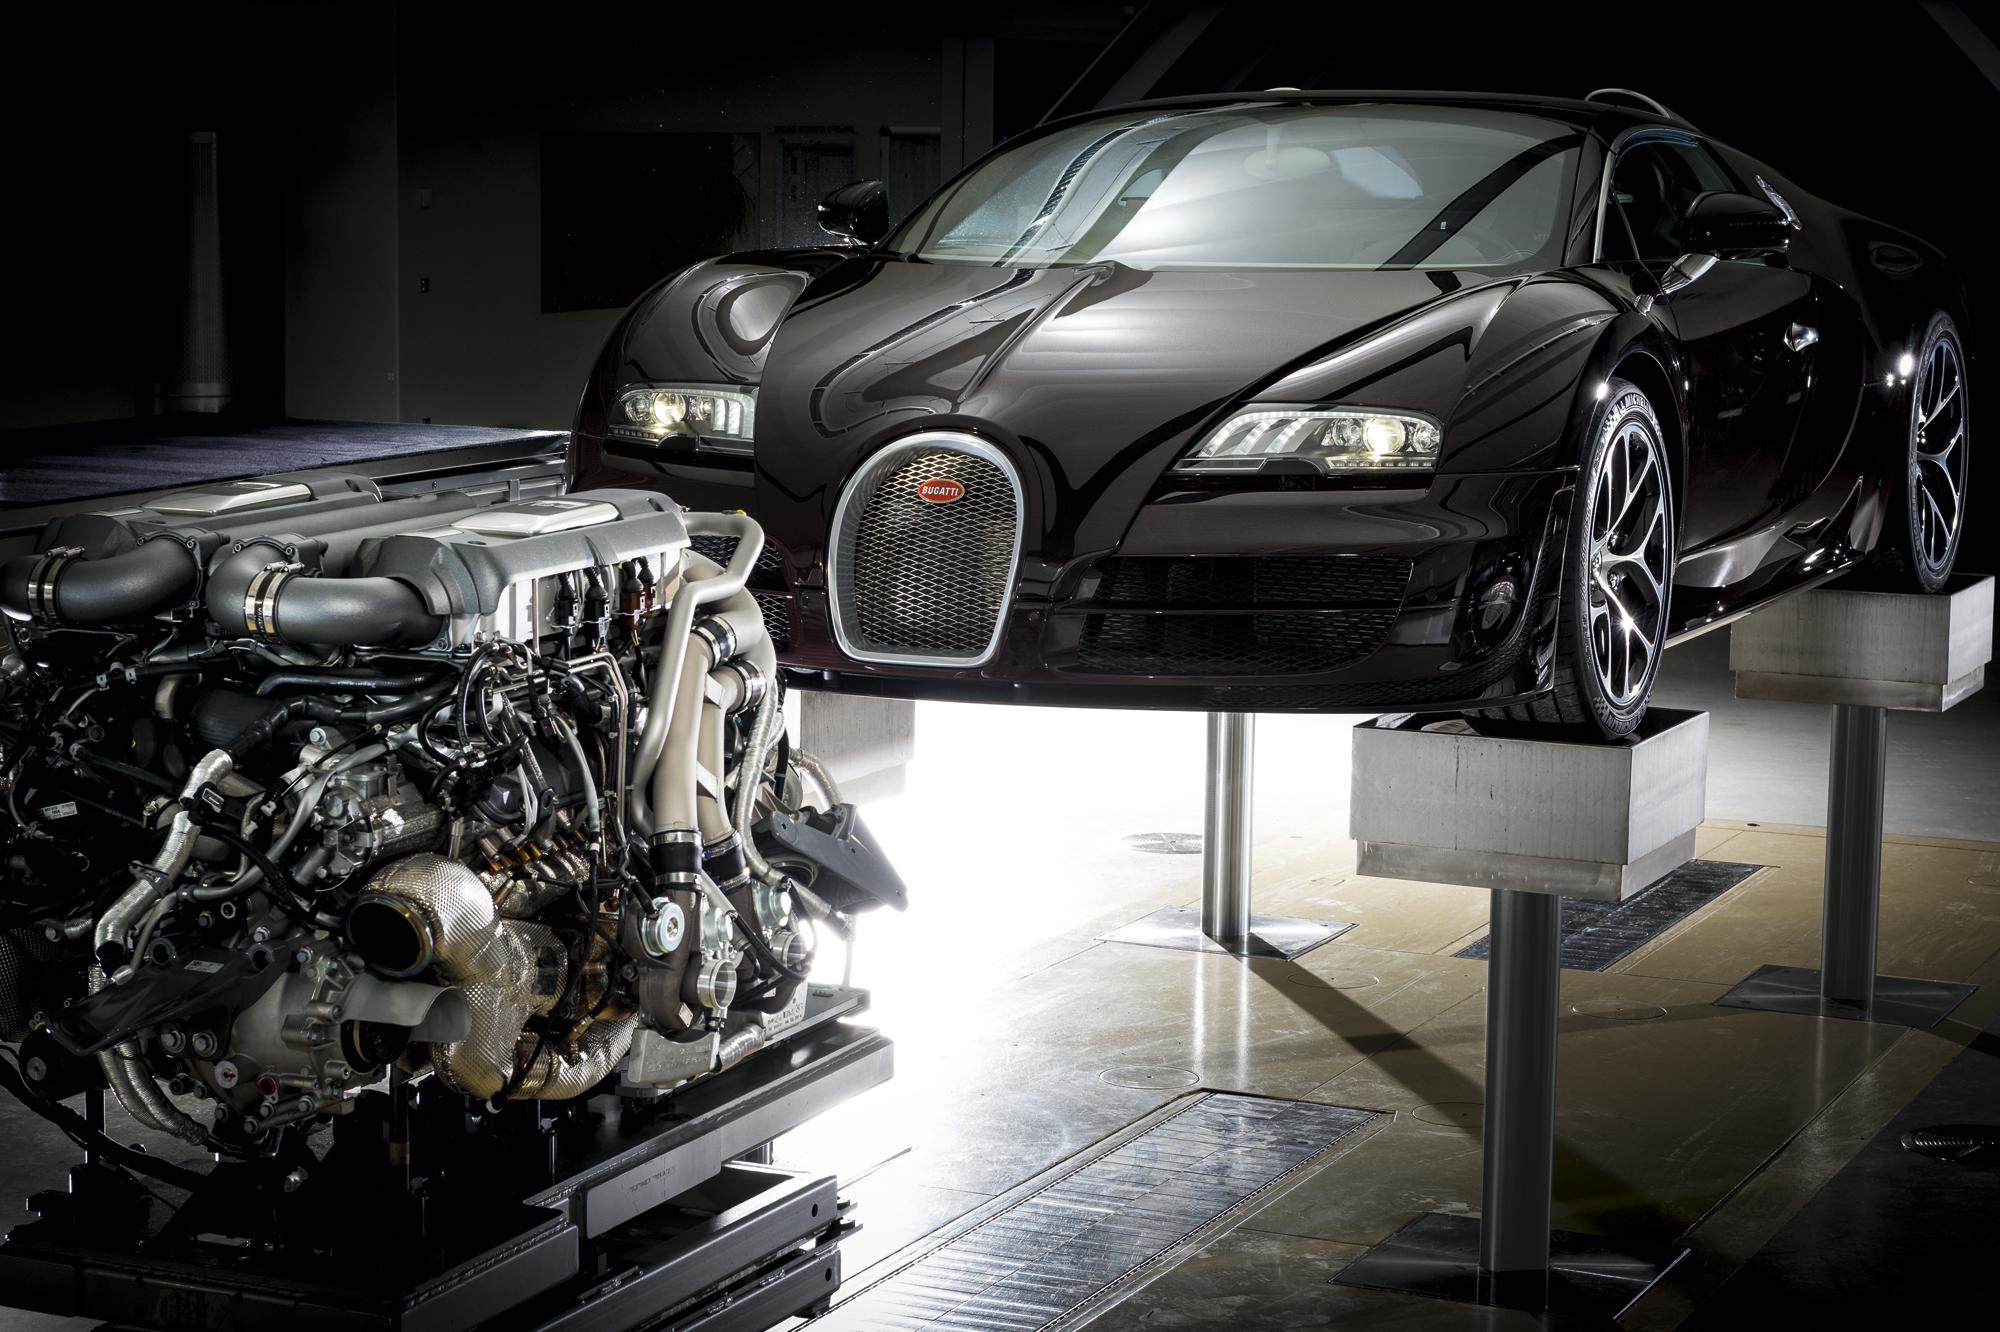 bugatti veyron 16 4 la voiture la plus rapide et la plus ch re du monde. Black Bedroom Furniture Sets. Home Design Ideas